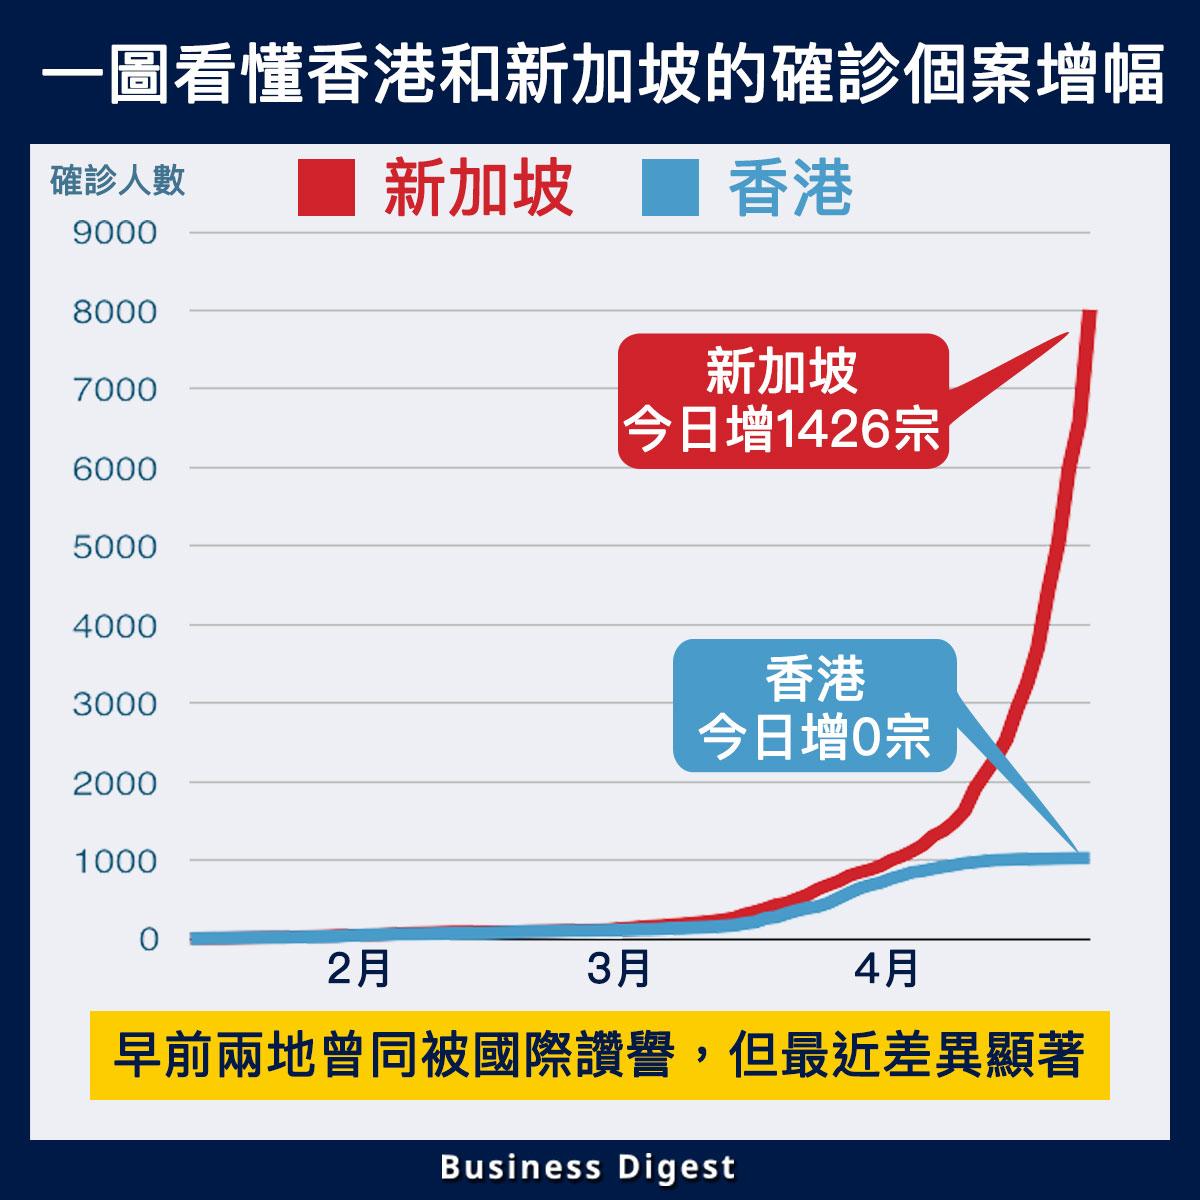 【從數據認識疫情】一圖看懂香港和新加坡的確診個案增幅